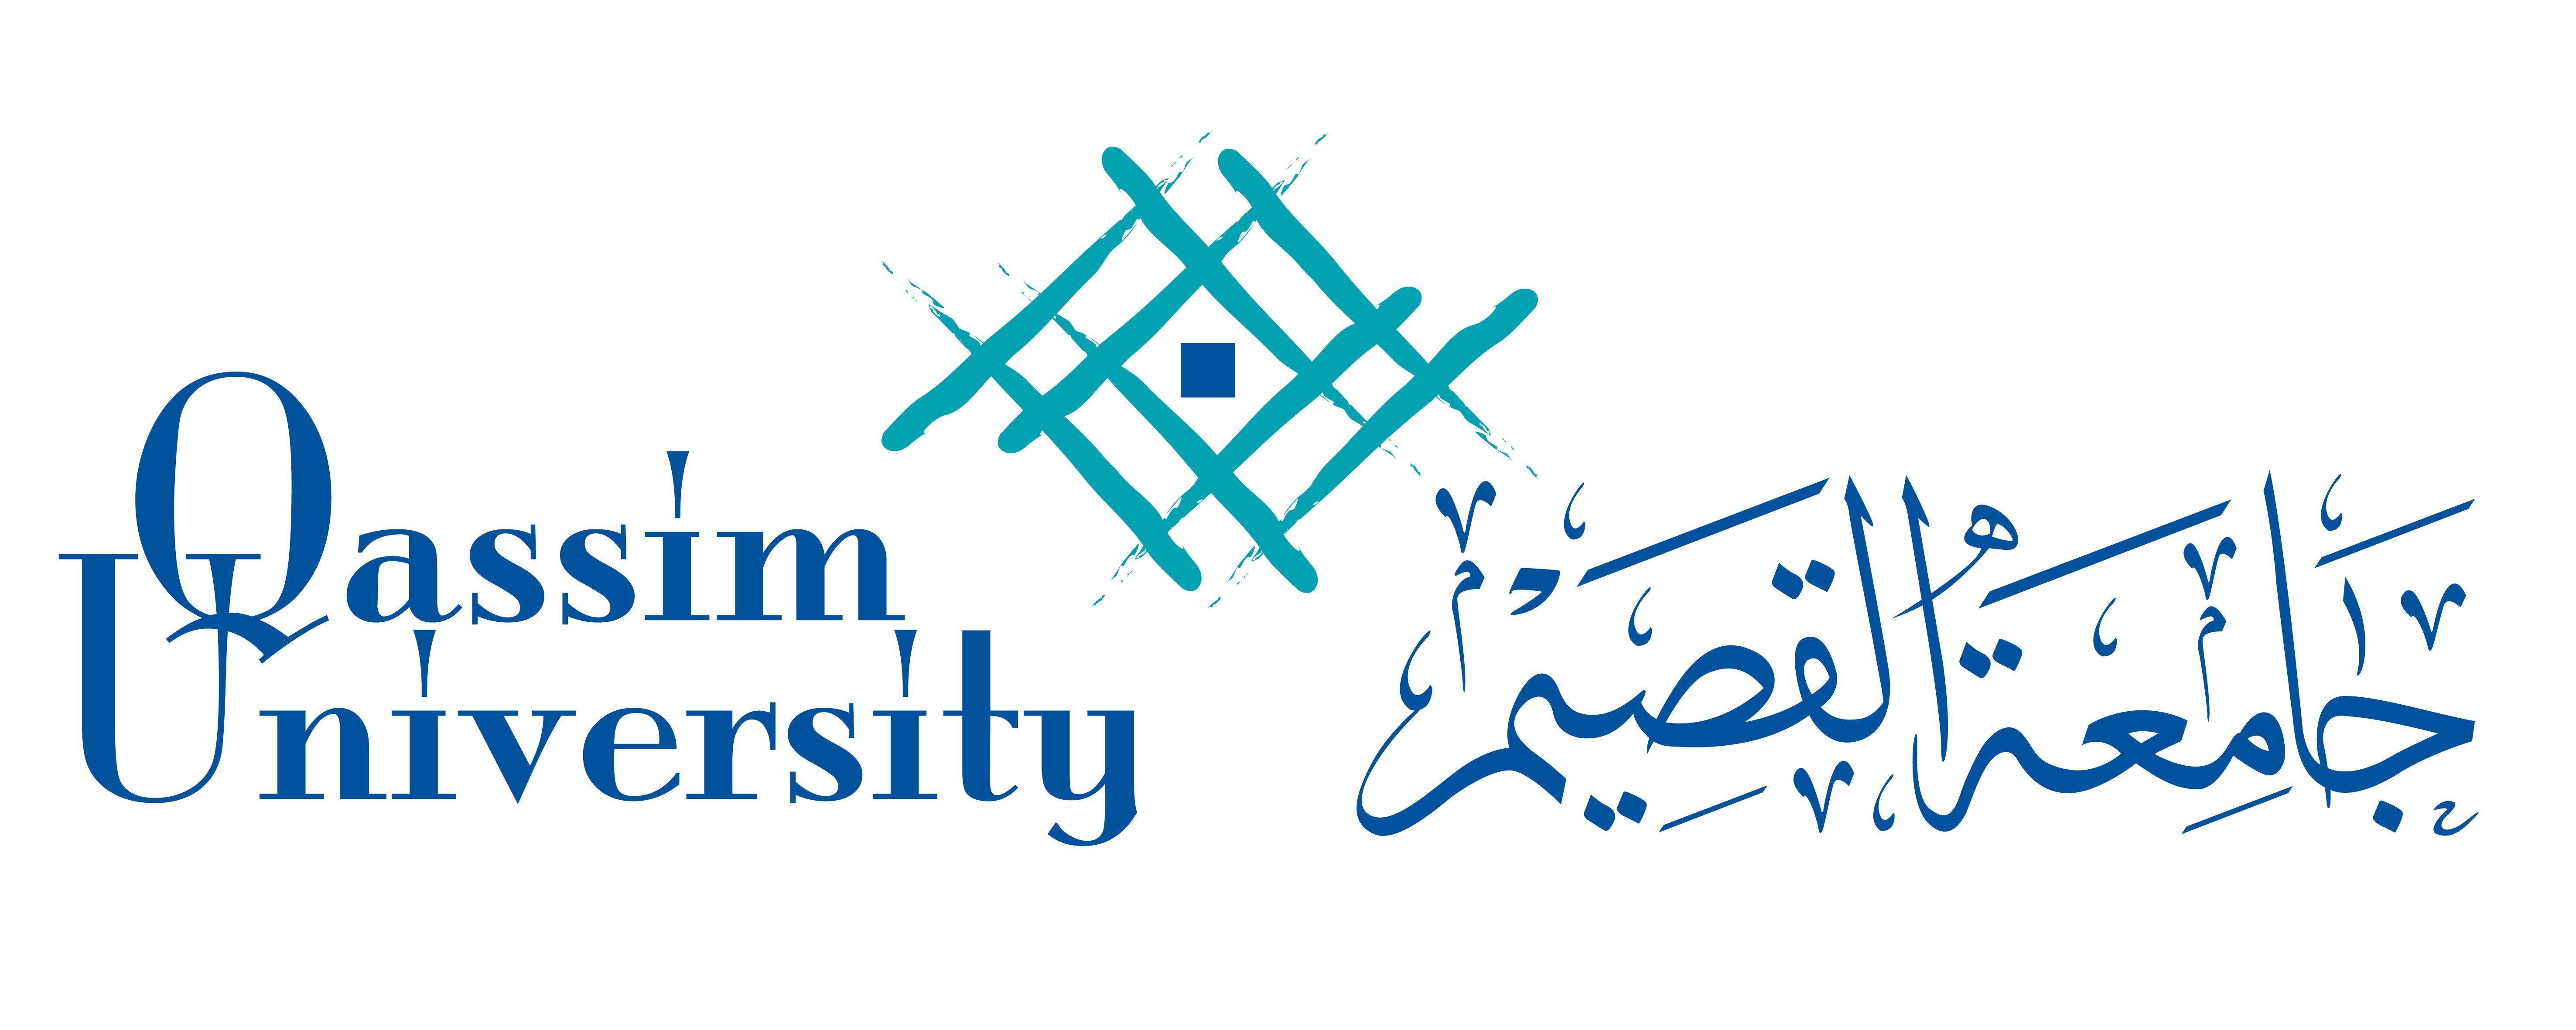 جامعة القصيم كلية الصيدلة بجامعة القصيم تحصل على الاعتماد الدولي لبرنامج دكتور صيدلي